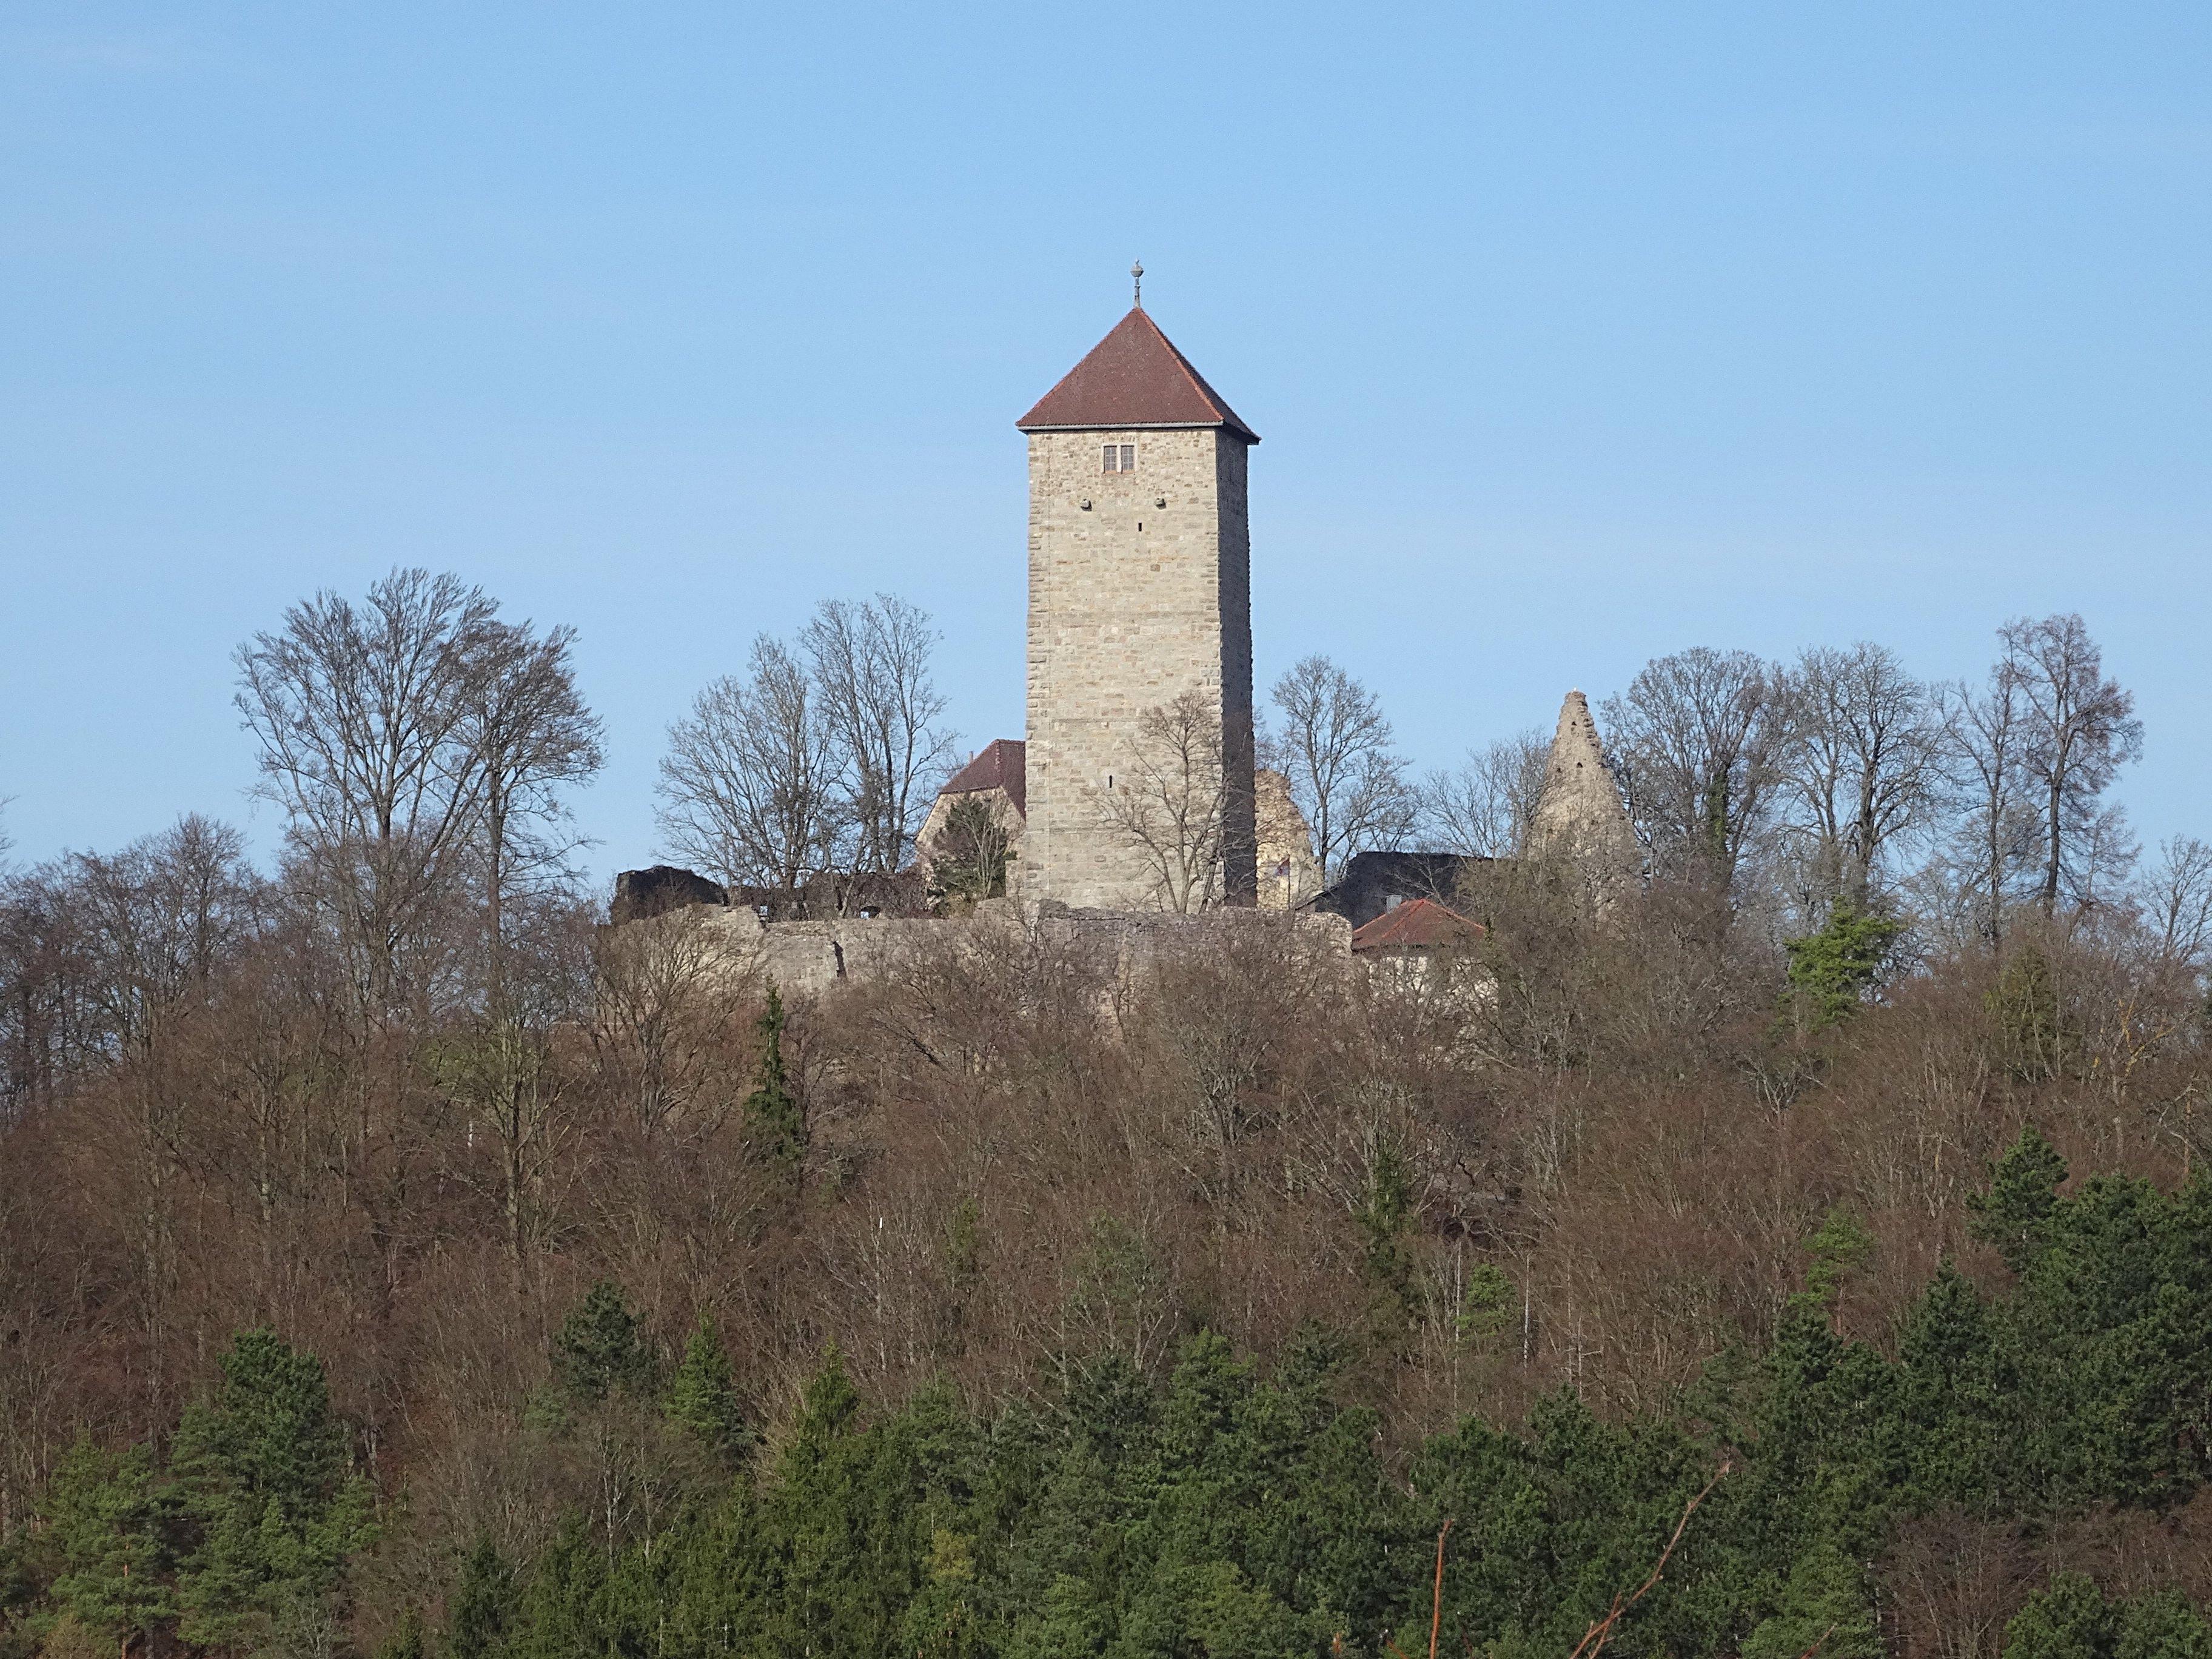 https://upload.wikimedia.org/wikipedia/commons/0/0e/Ostheim_Ruine_Lichtenburg_06.jpg